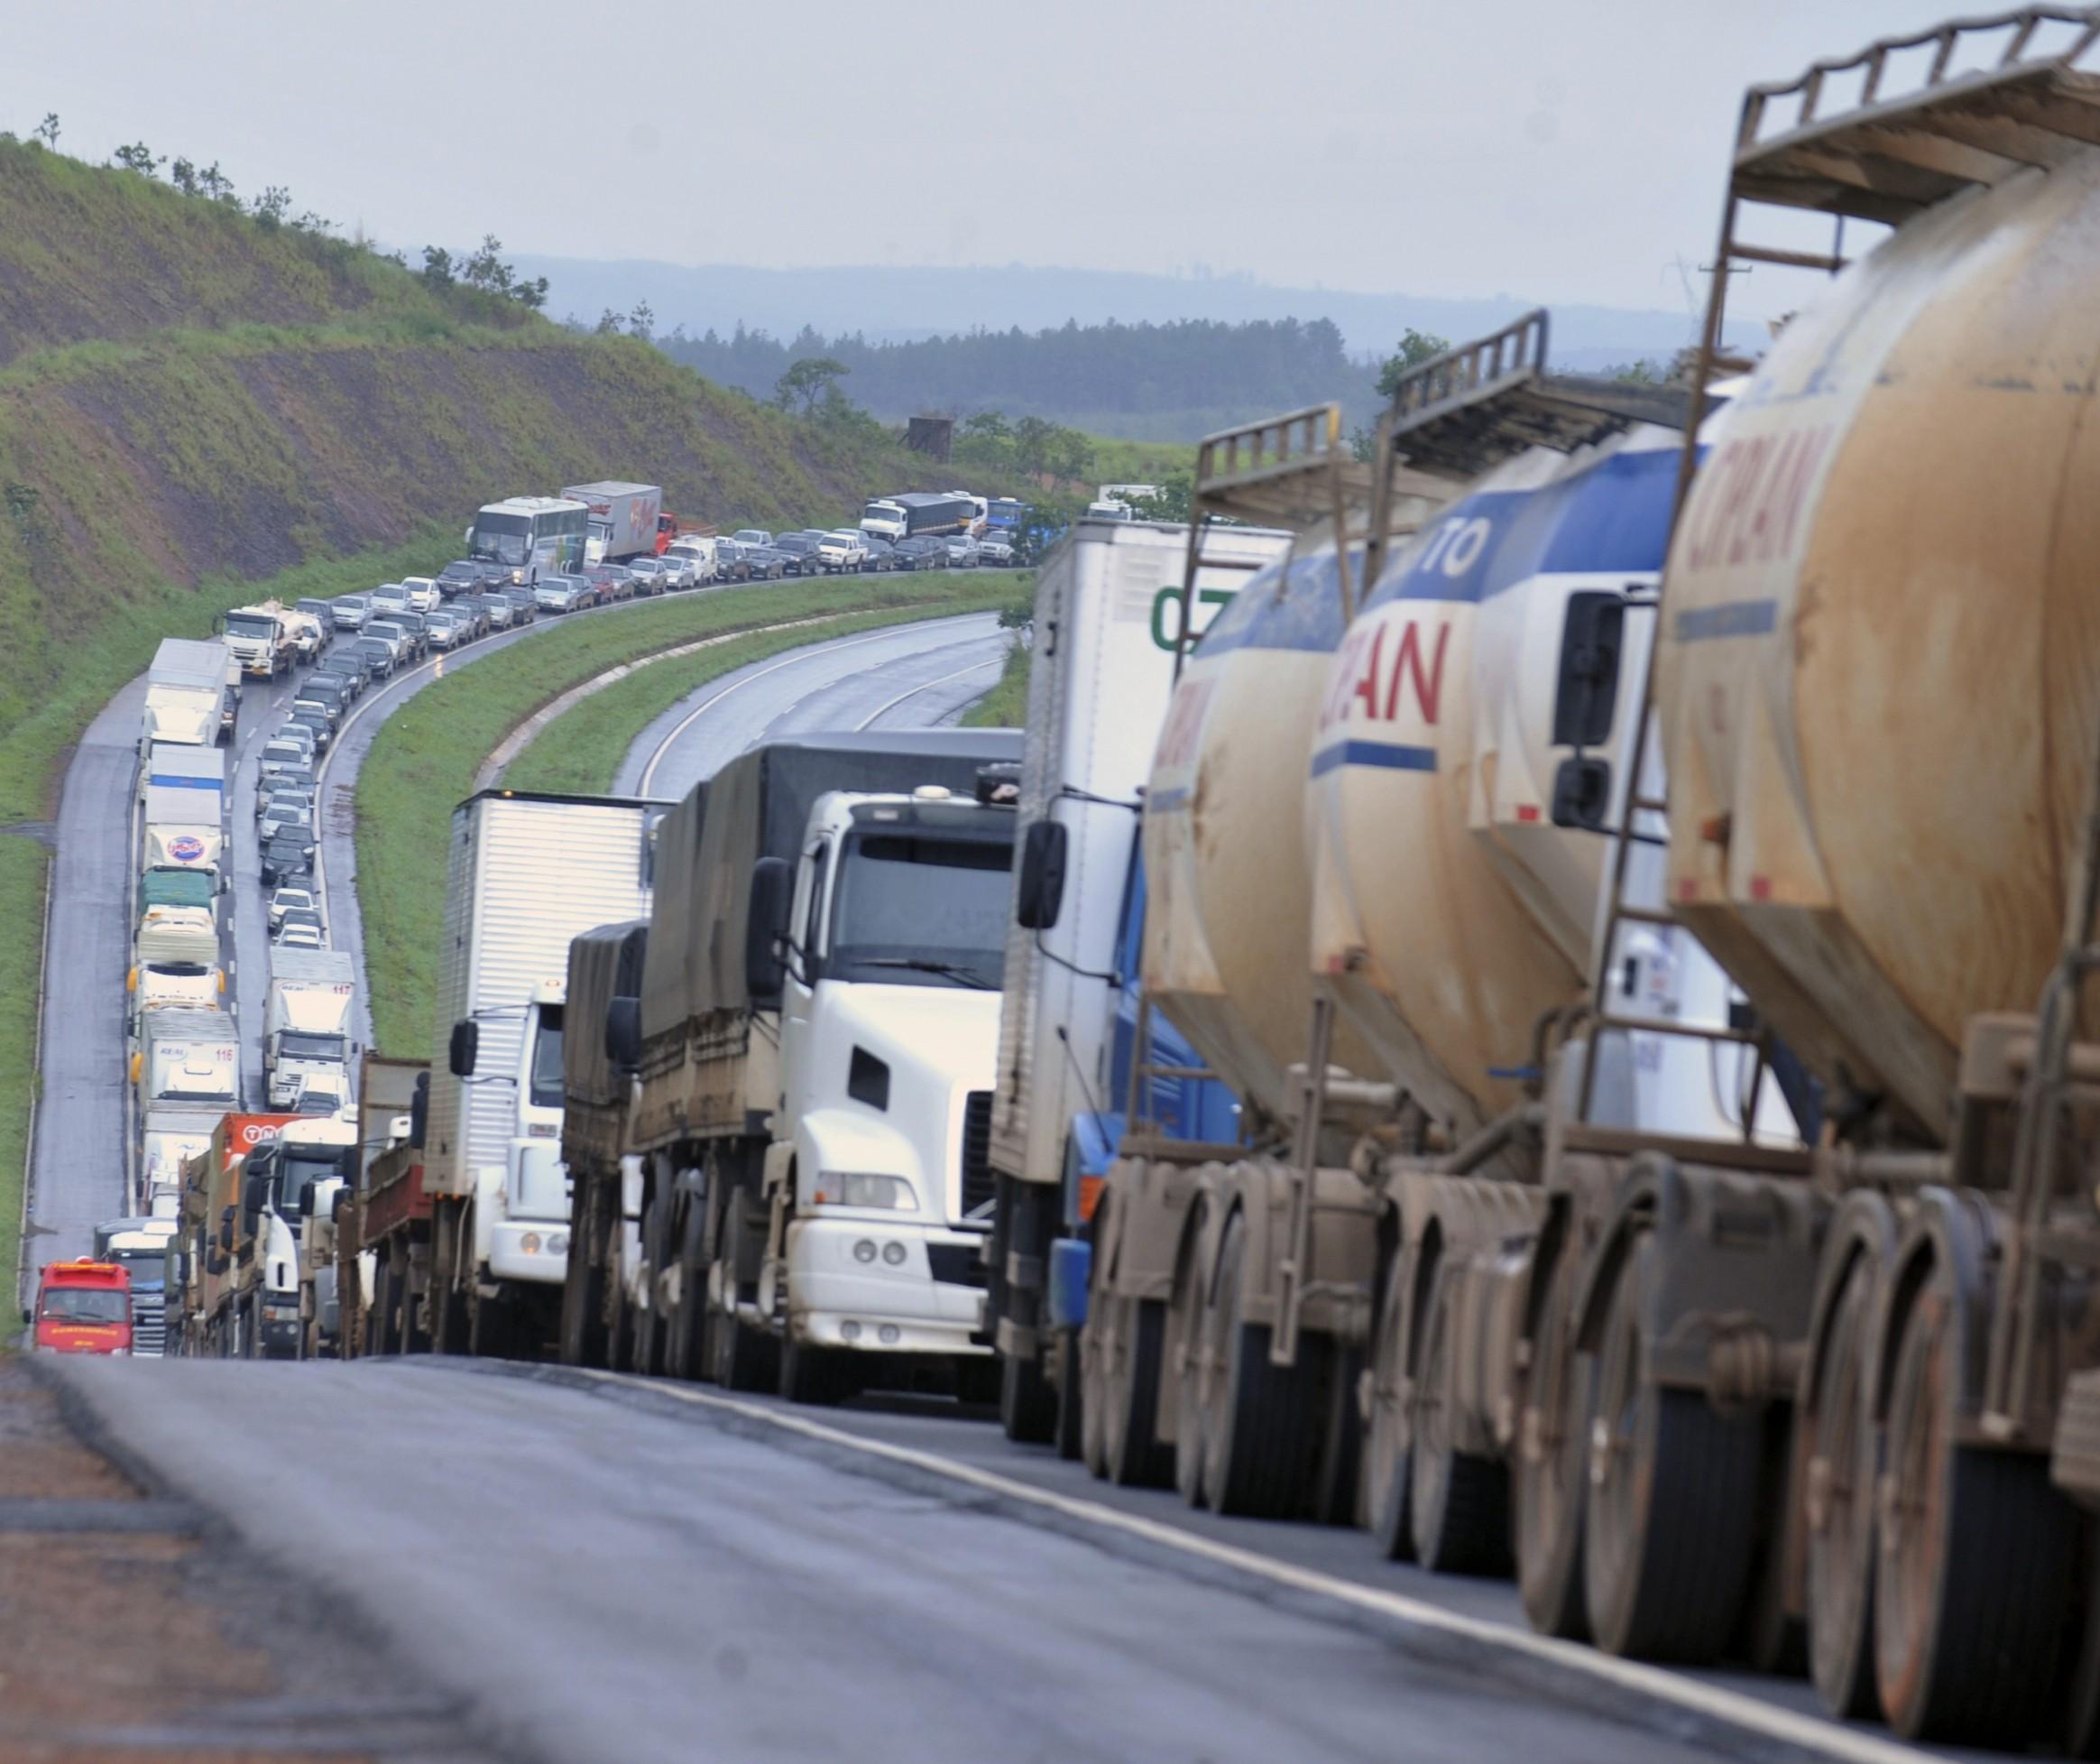 Greve dos caminhoneiros gerou perda de R$ 60 bi